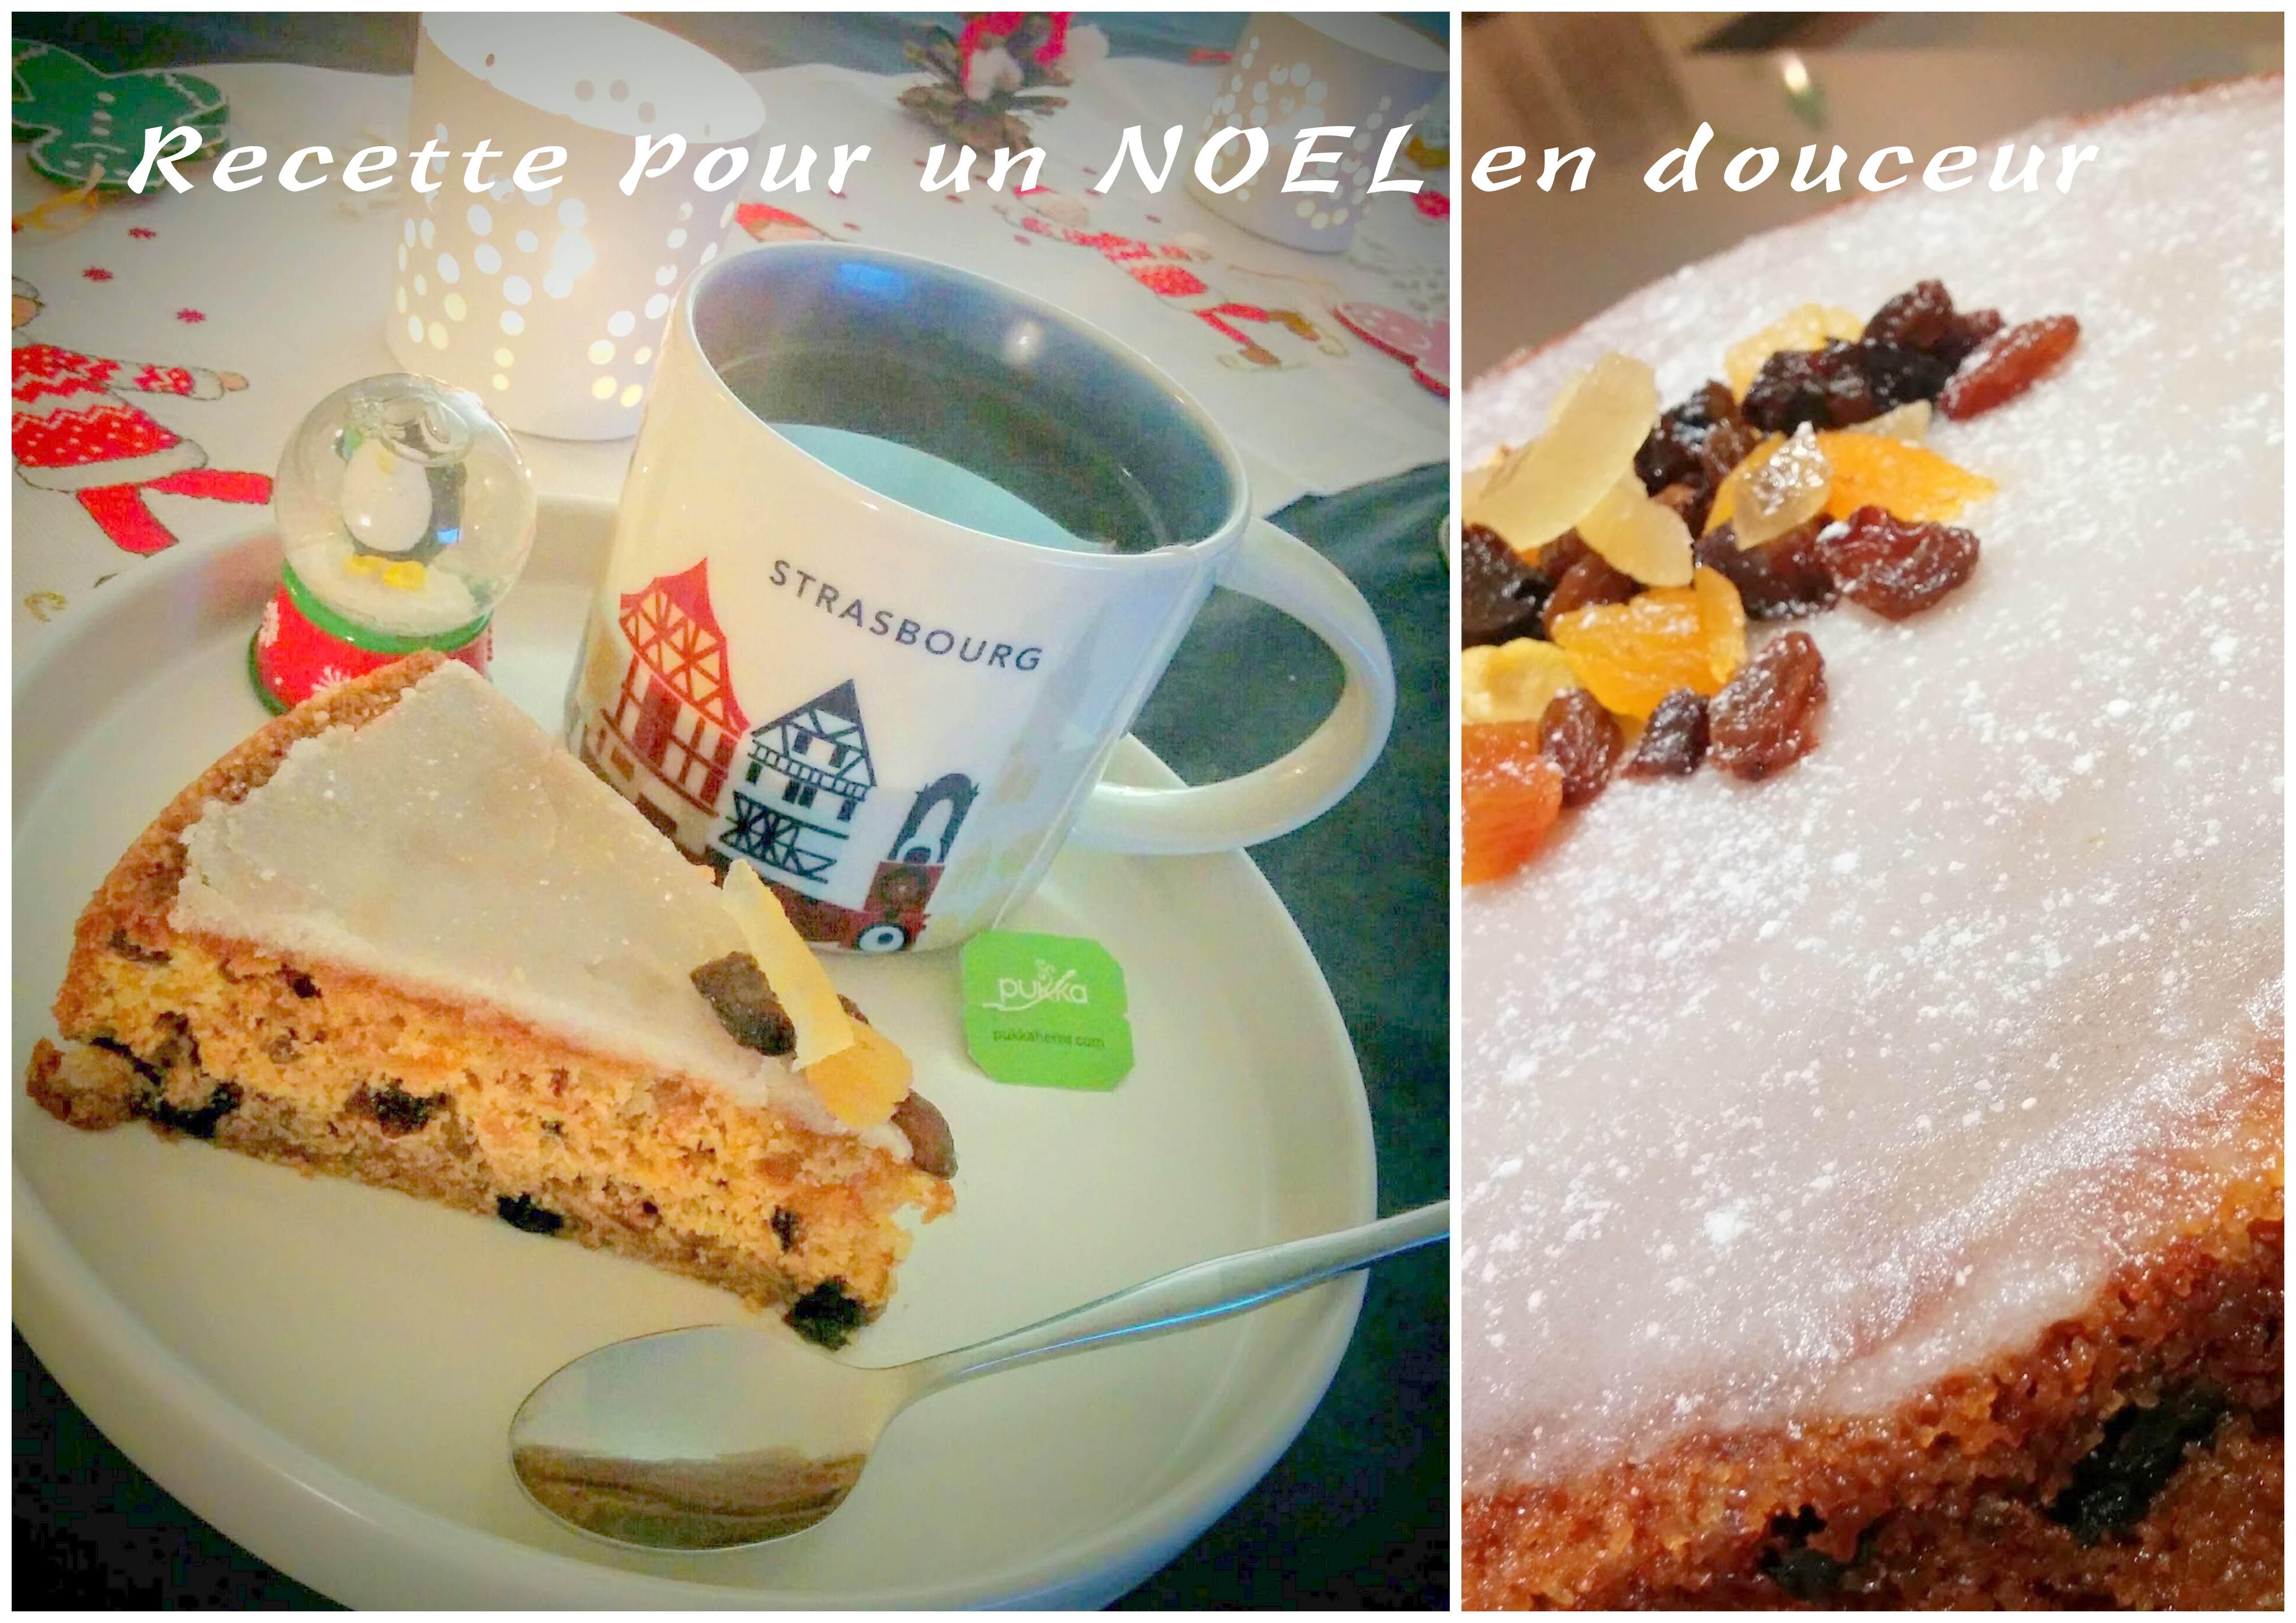 recette-de-noe%cc%88l-001